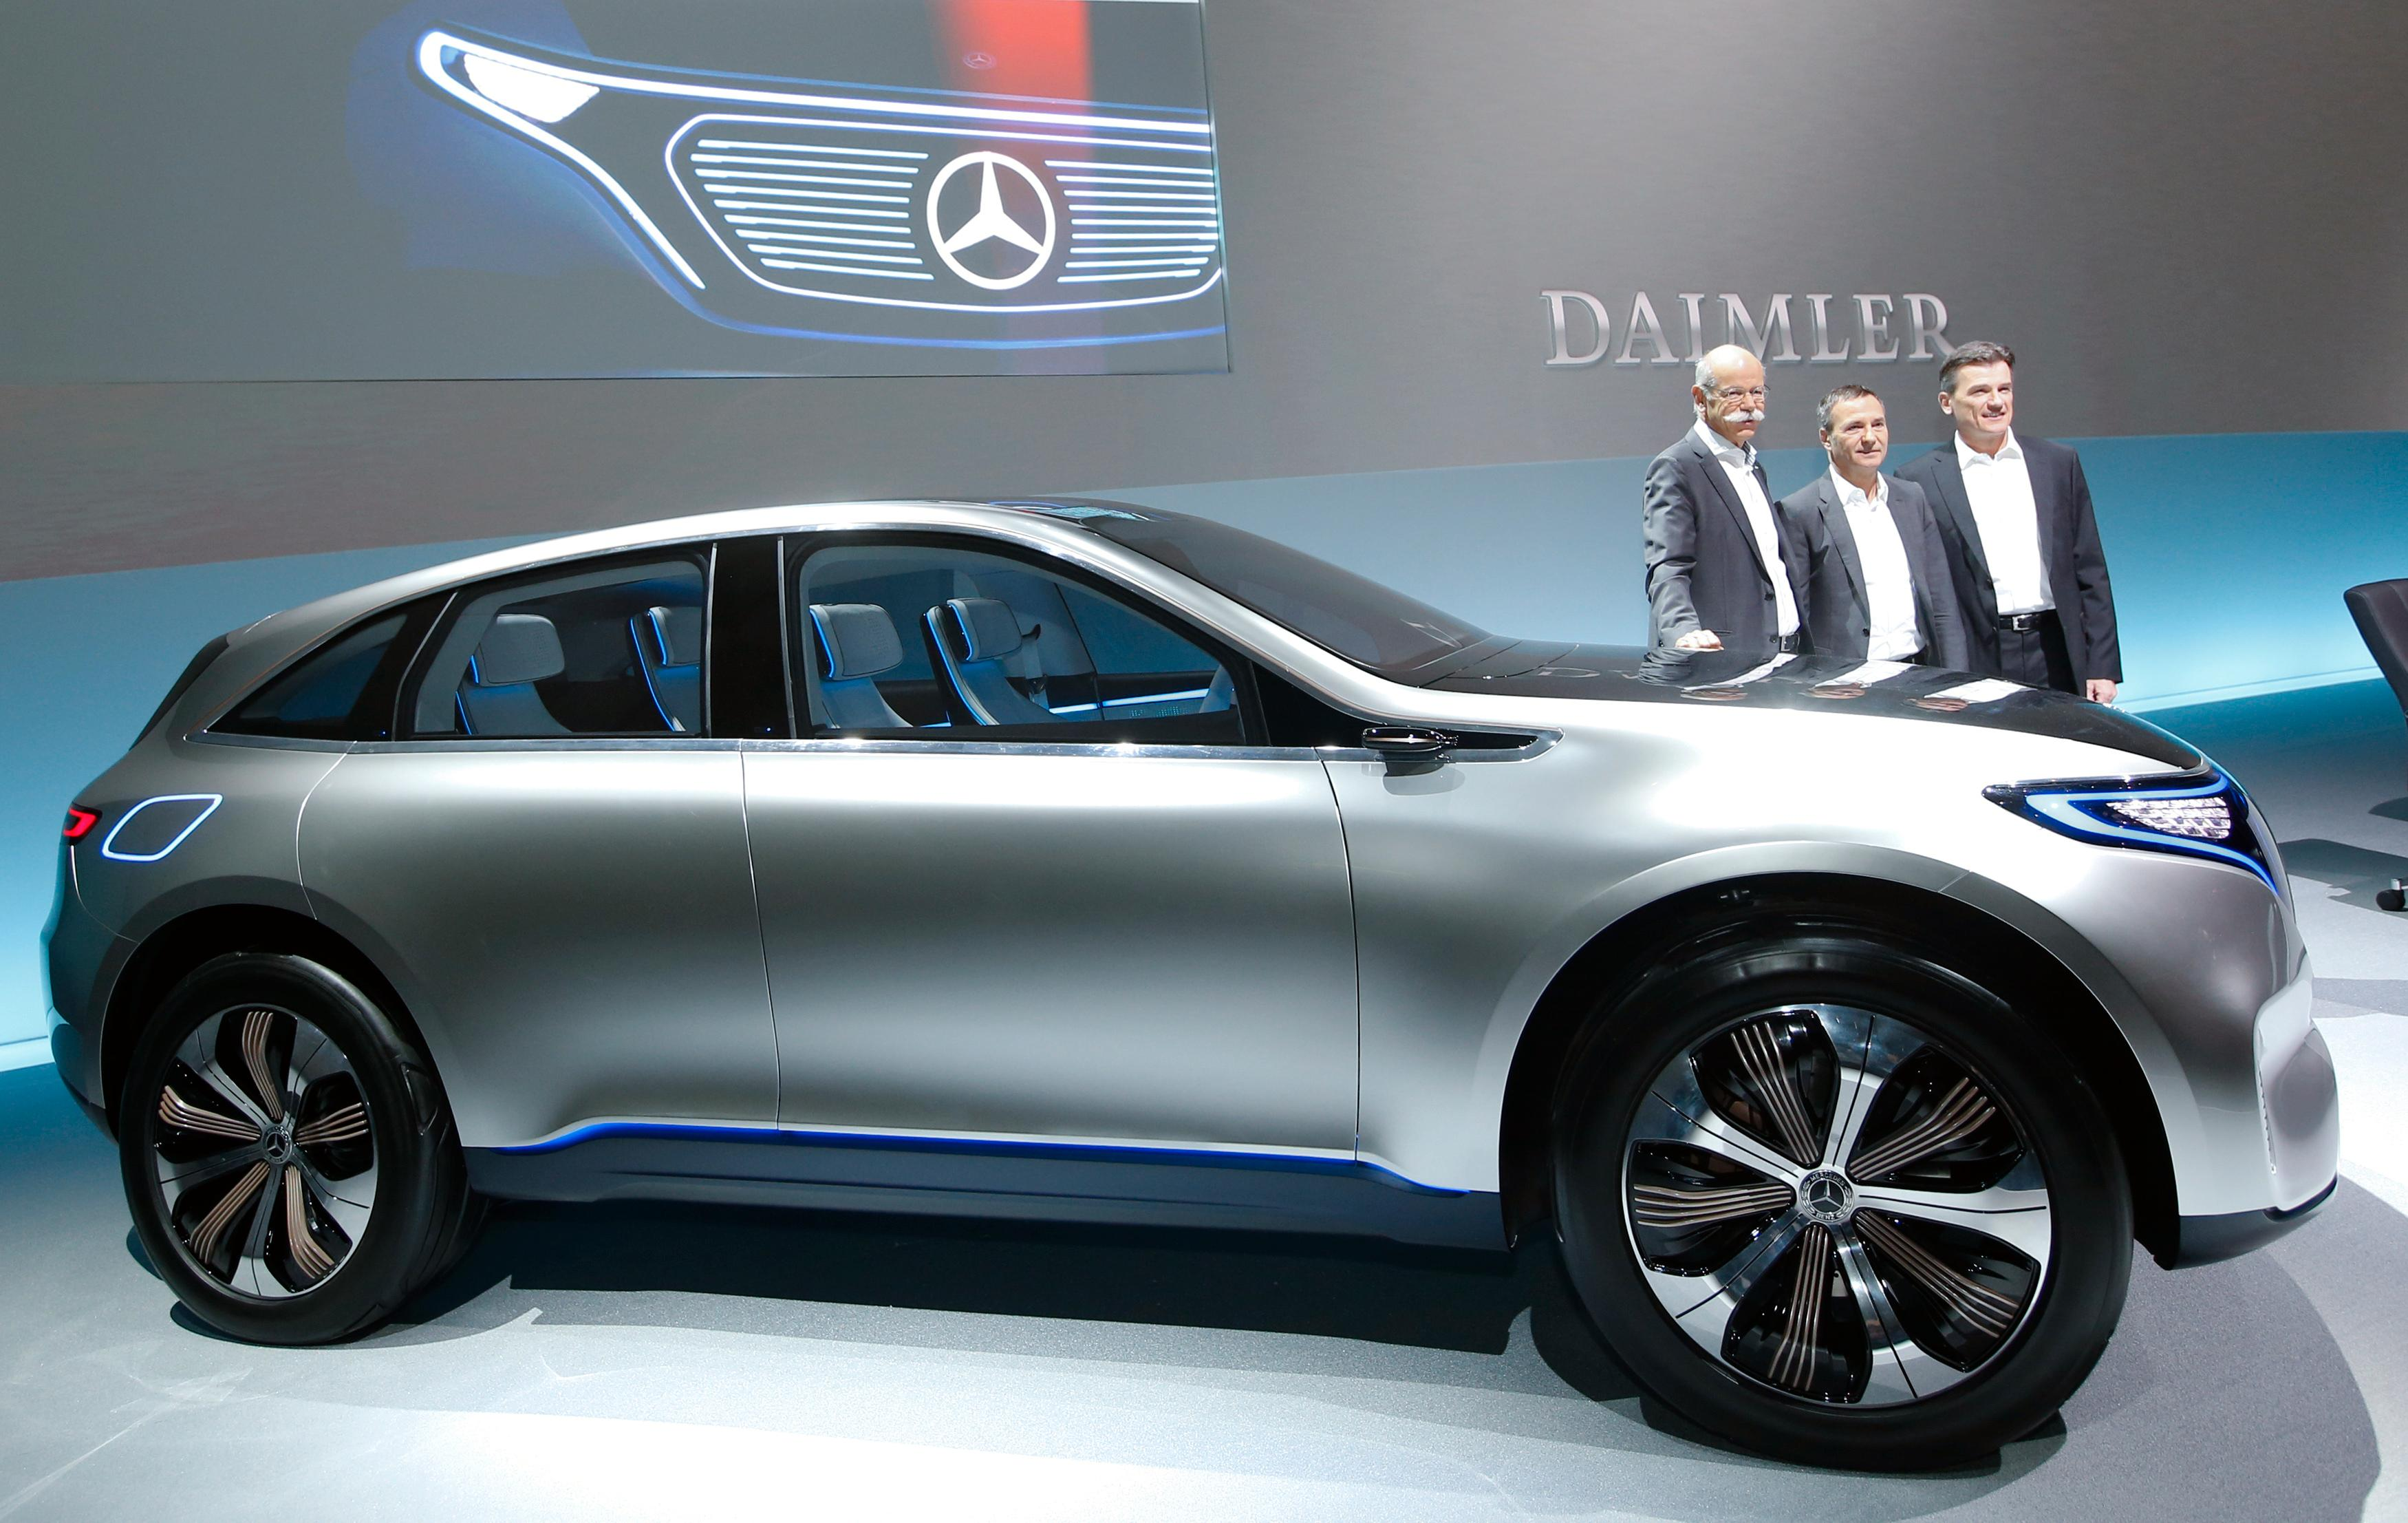 Mercedes EQ-merke skal bli til fire helelektriske modeller etter hvert. Konseptbilen skal likne en ny C-modell.